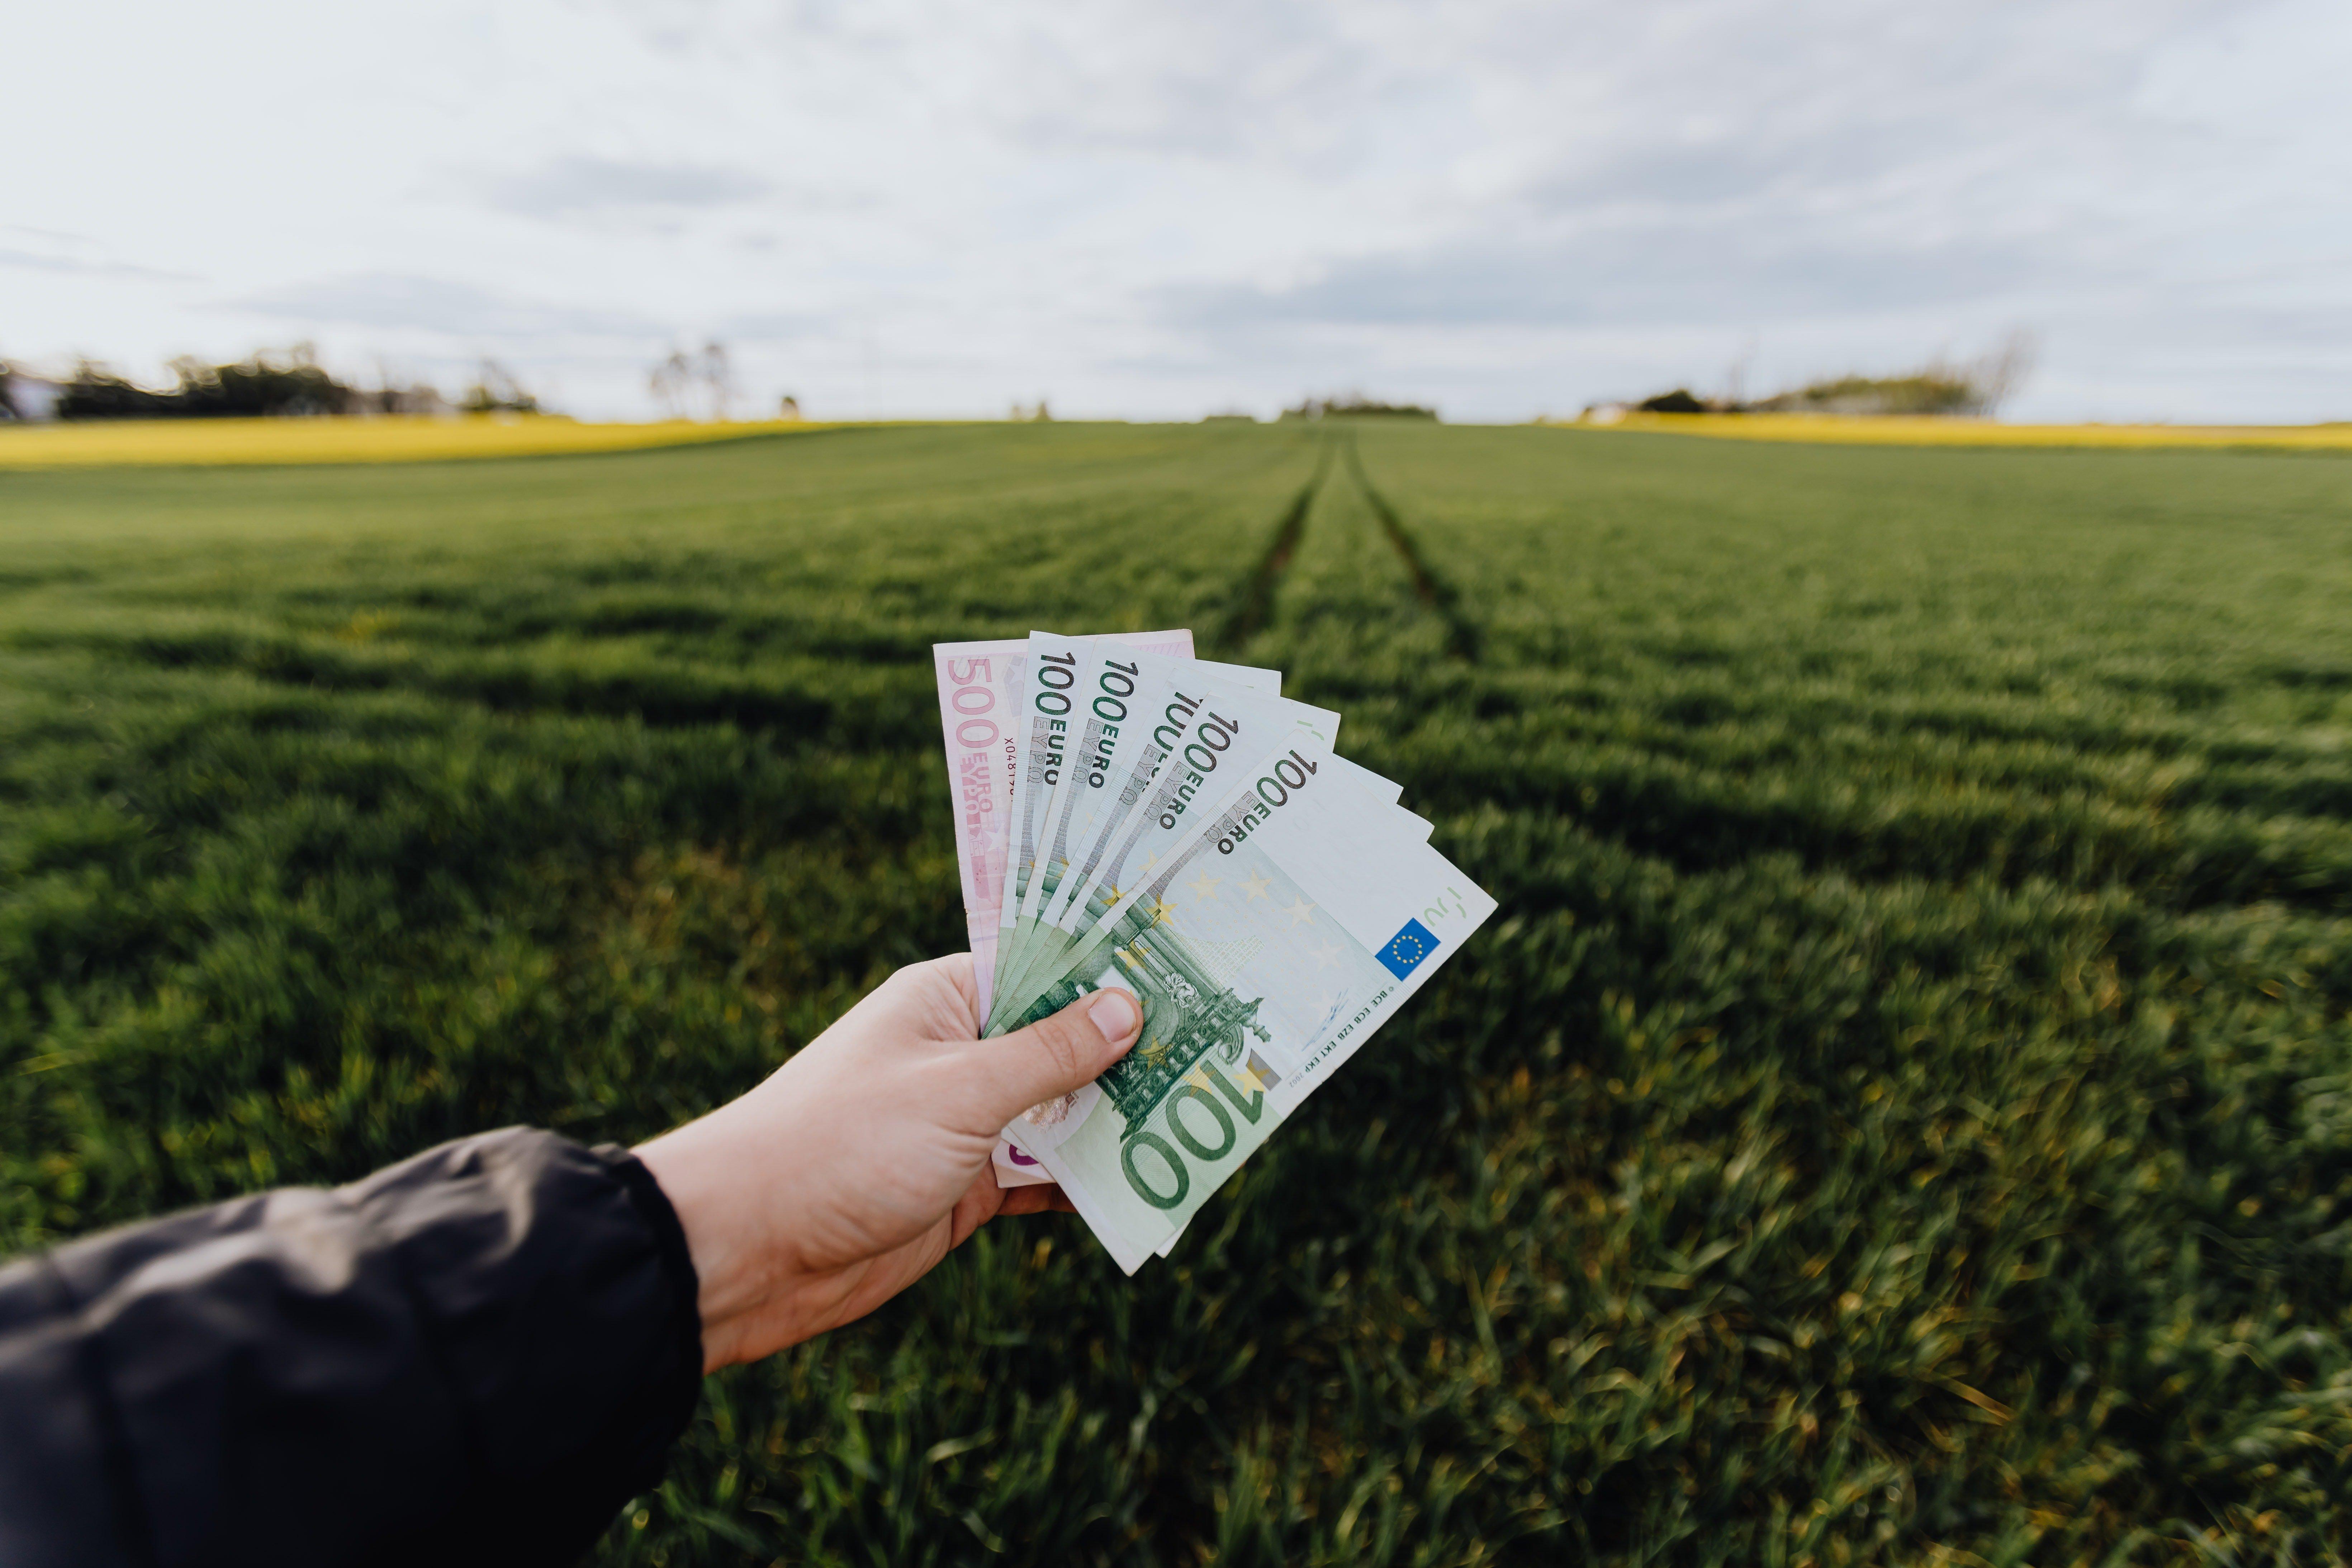 Глобальные инвестиции в устойчивое развитие достигли 35,3 трлн долларов по всему миру